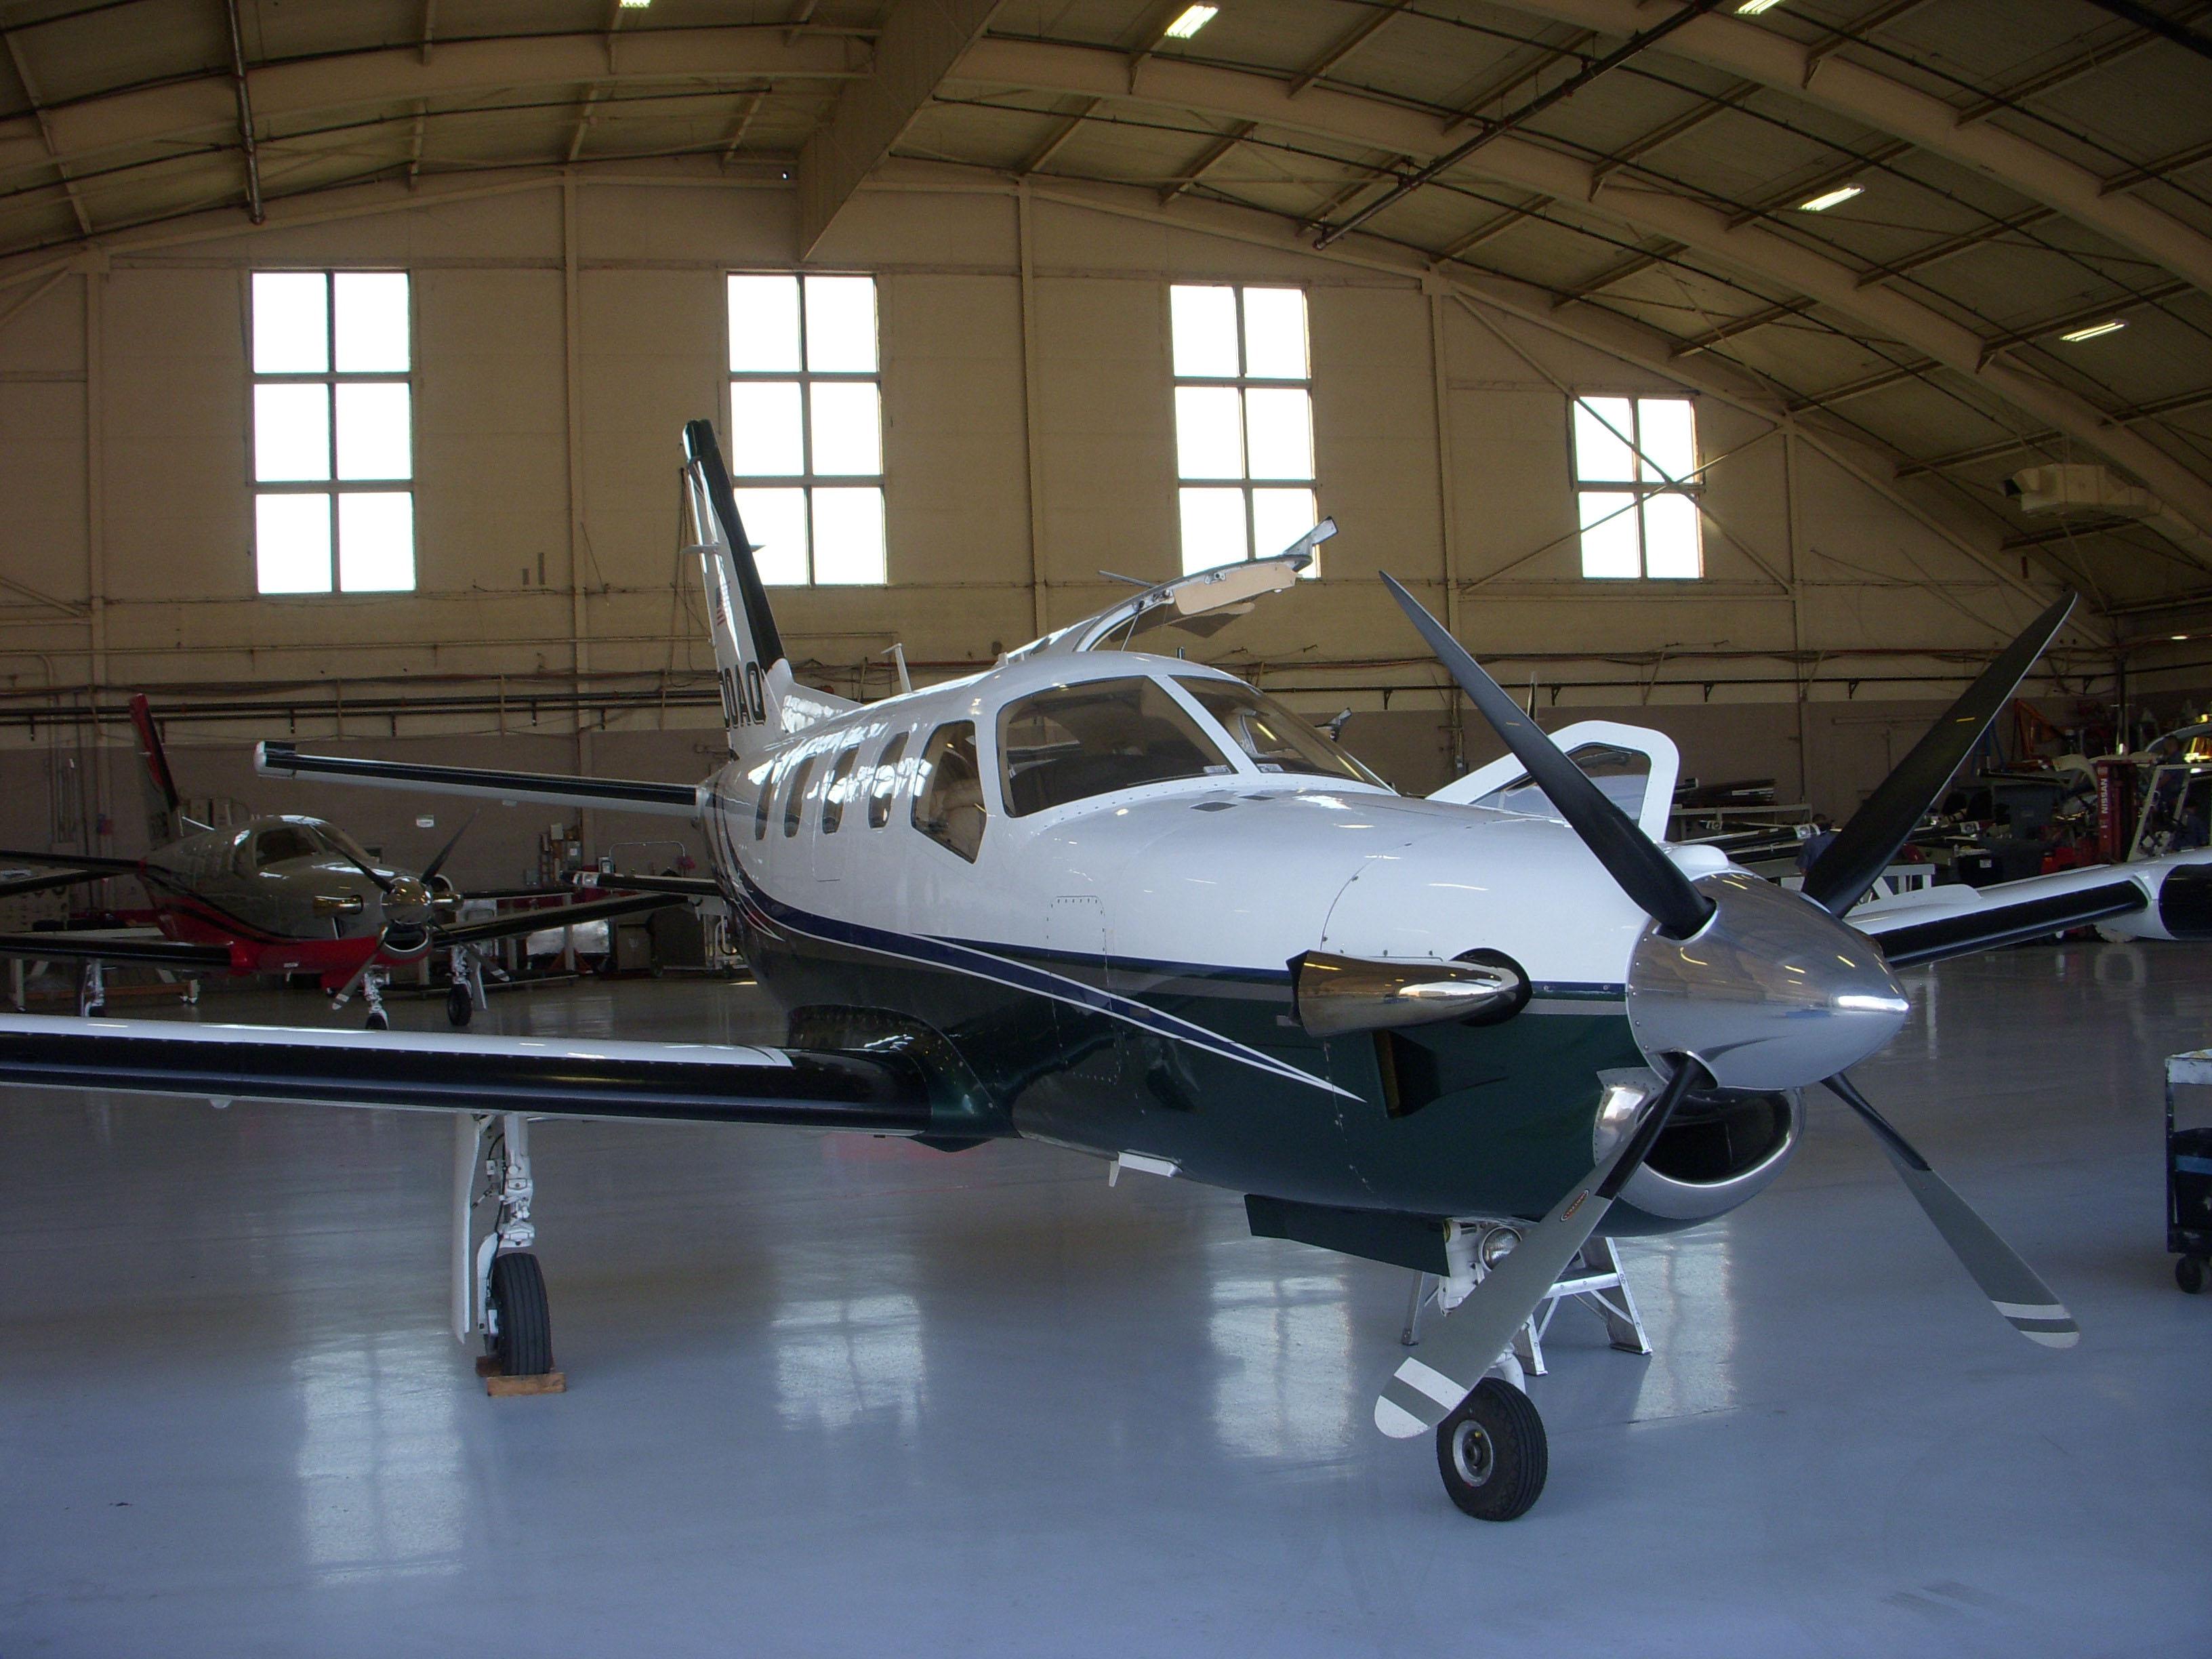 NAAA airplane appraiser